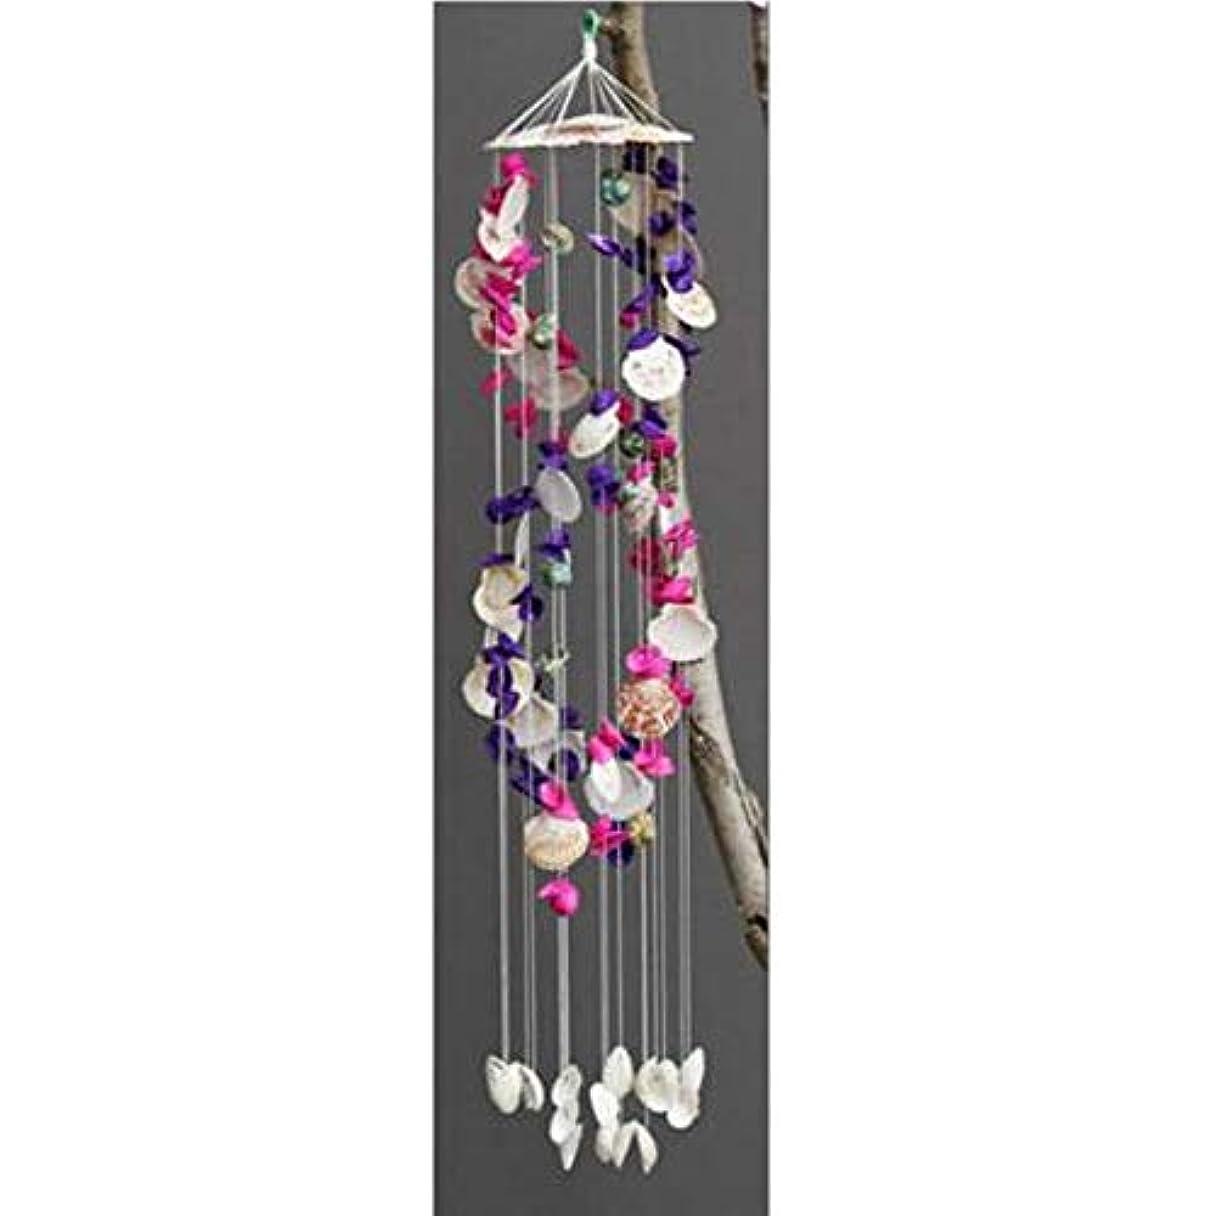 つぼみ厳しい詩Aishanghuayi 風チャイム、かわいい手作りのクリエイティブシェル風の鐘、斑入り、全長約95CM,ファッションオーナメント (Color : Multi-colored)